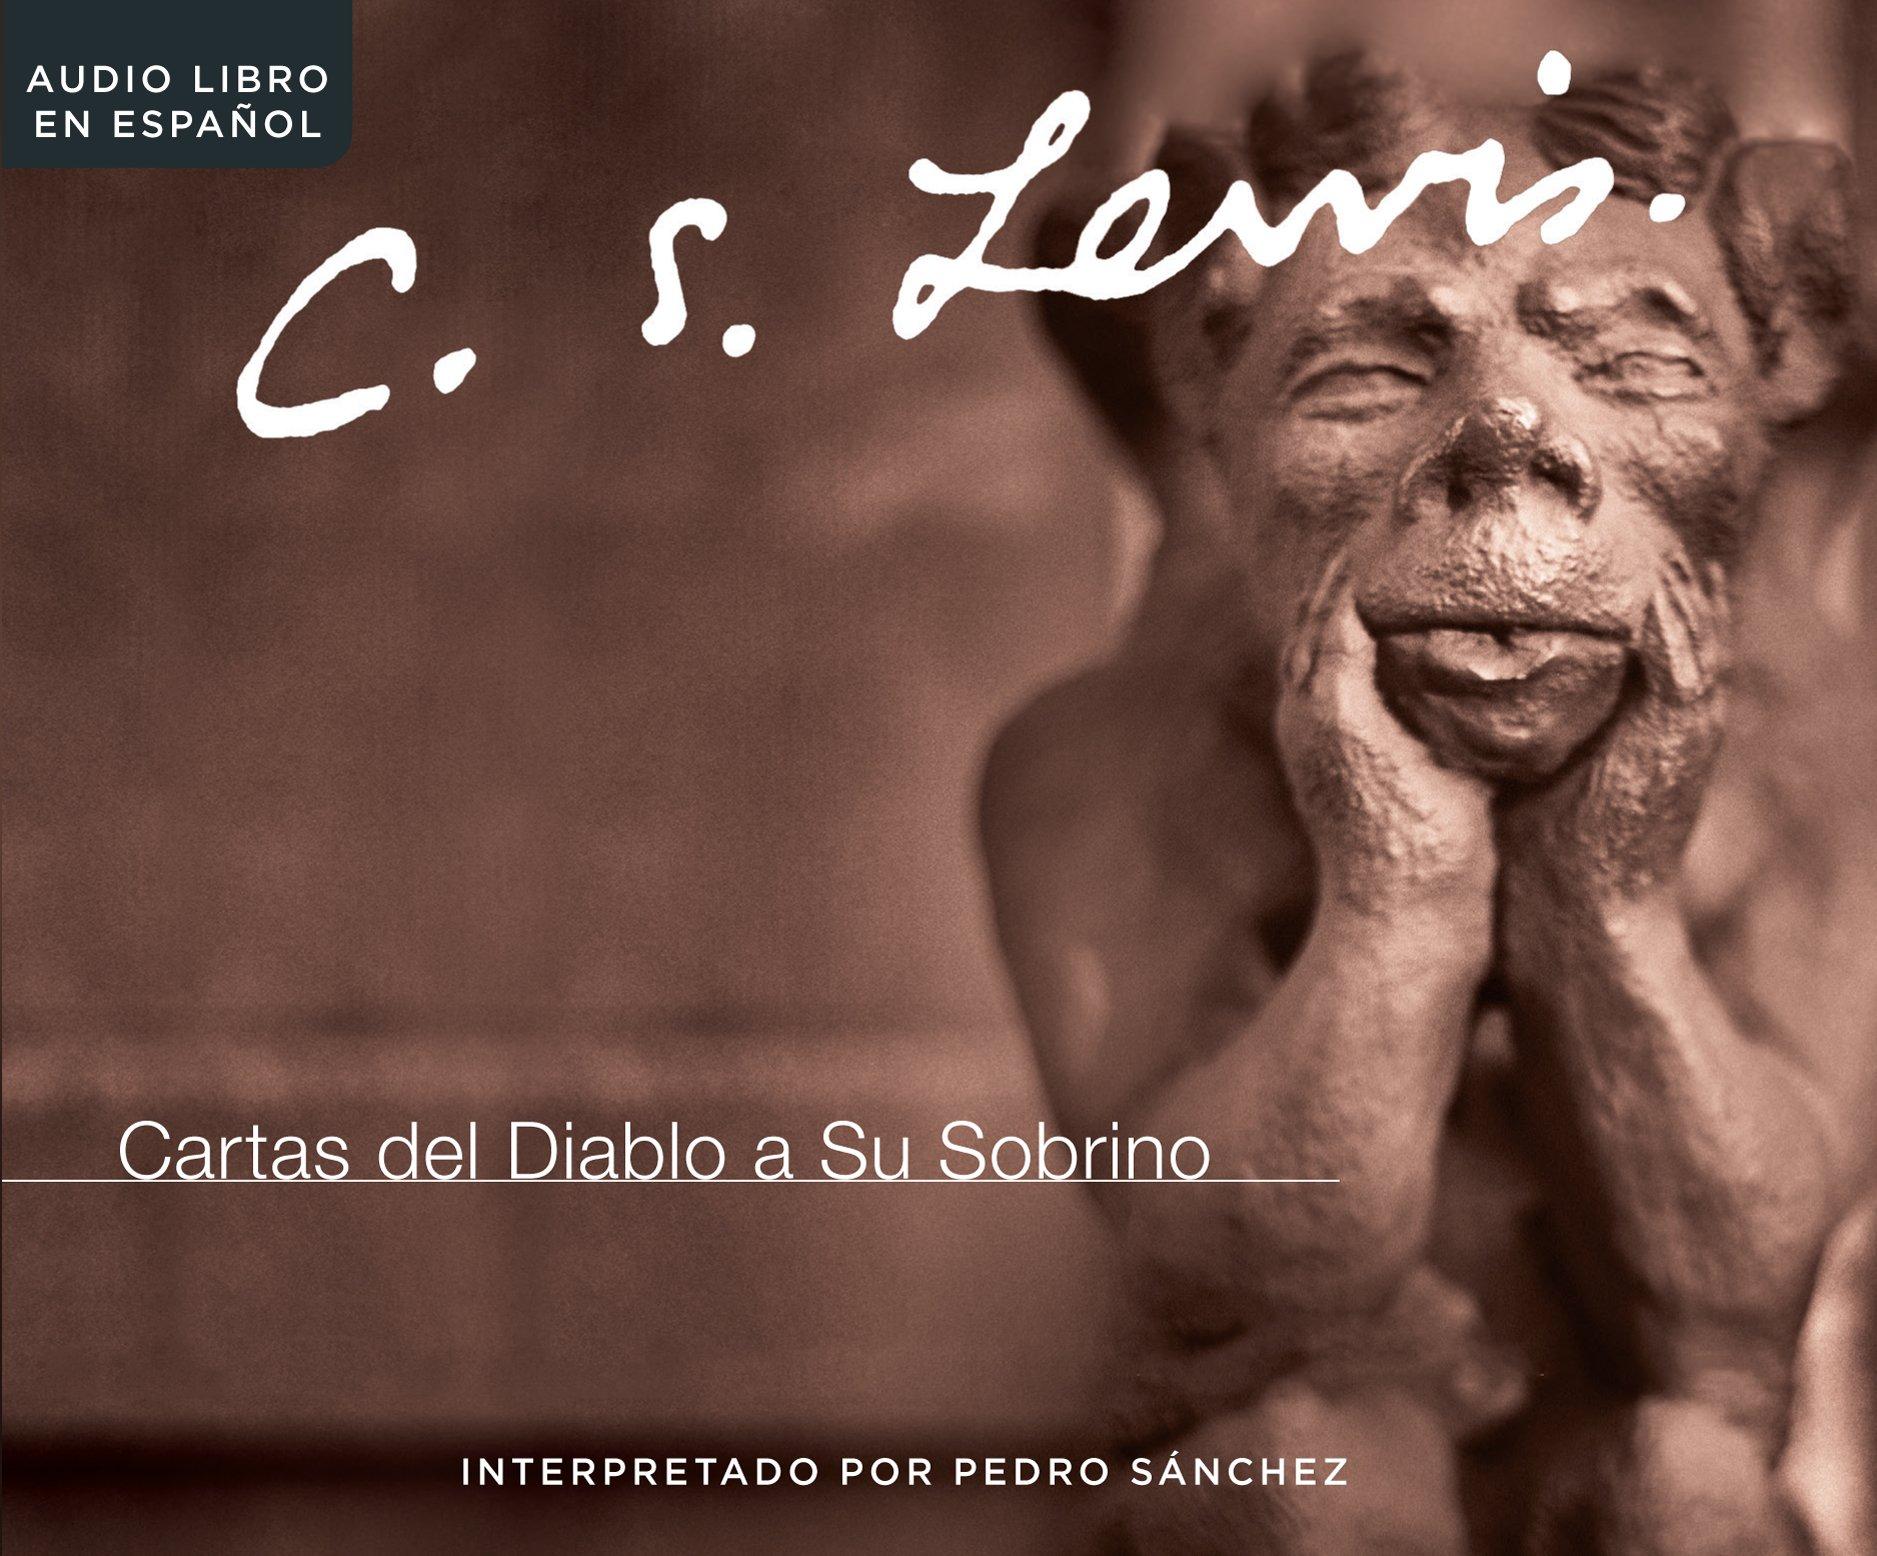 SPA-CARTAS DEL DIABLO A SU S D: Amazon.es: C. S. Lewis ...